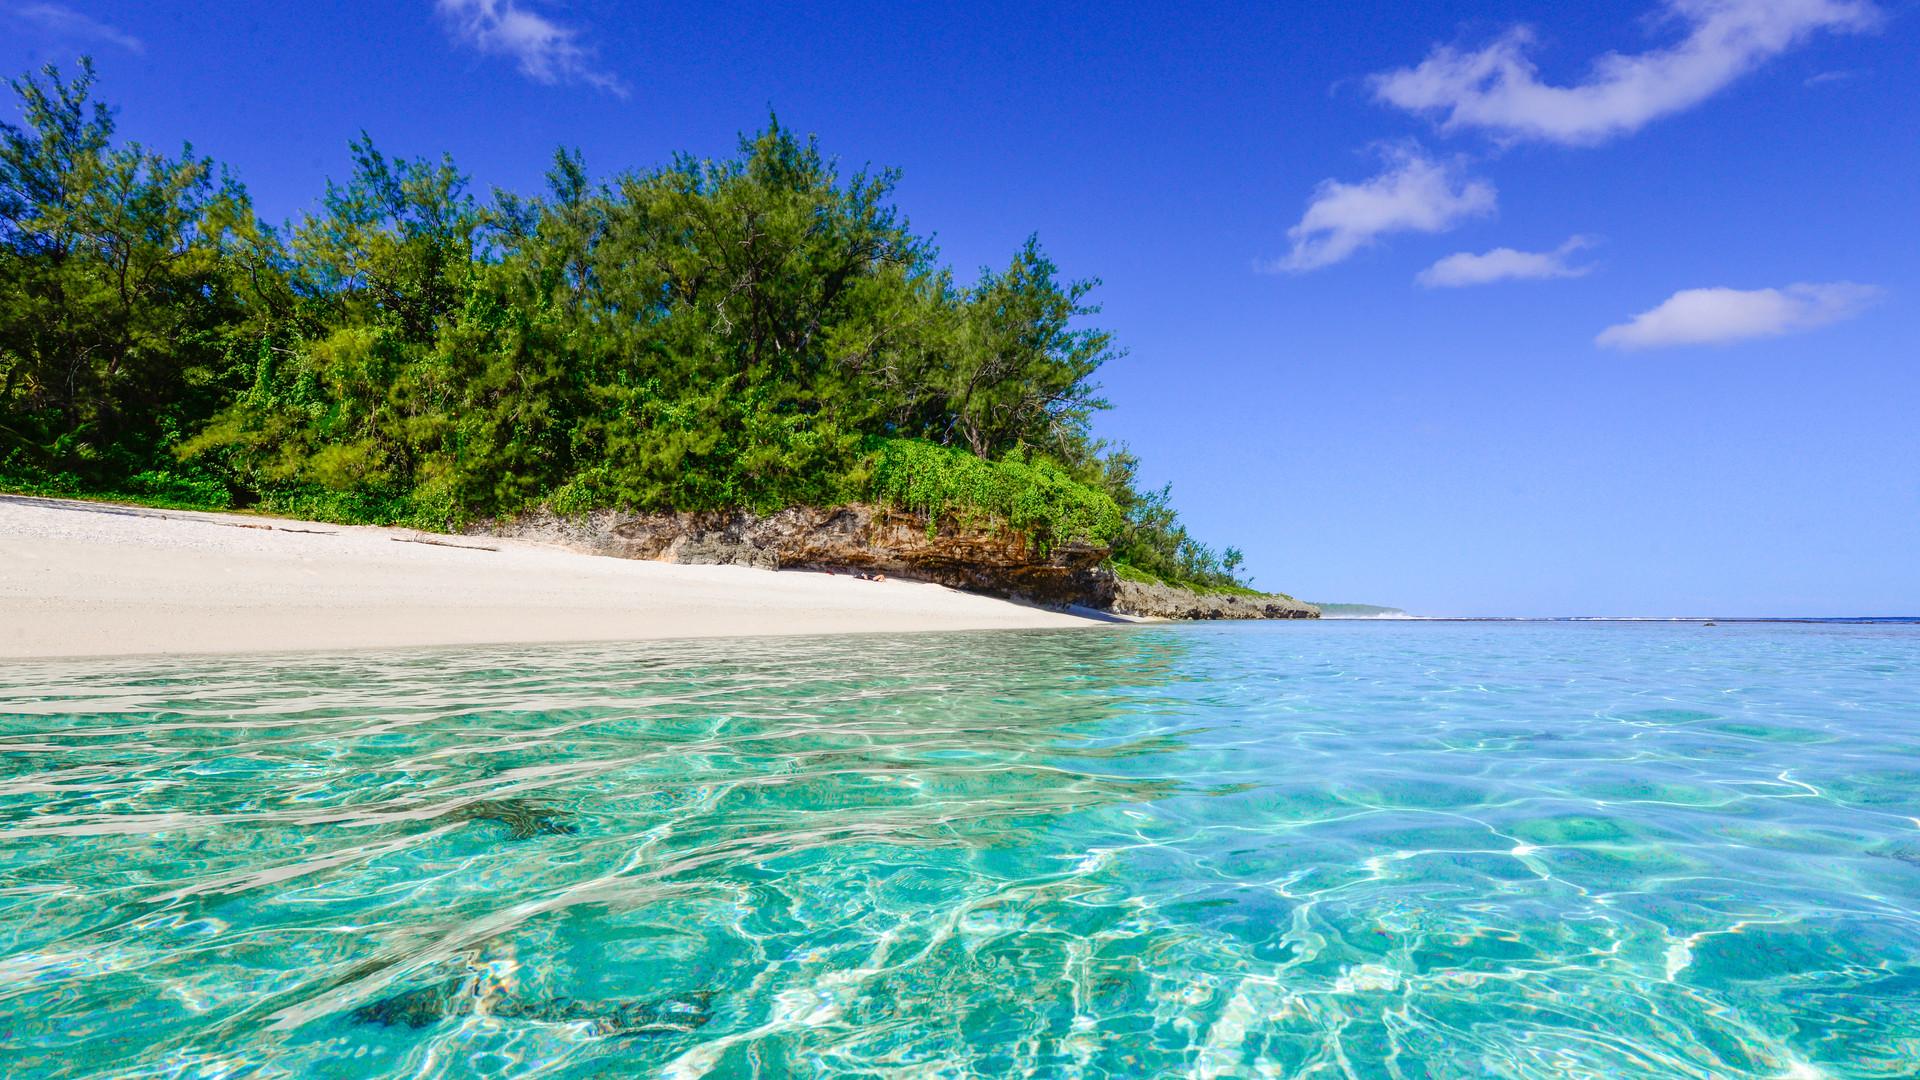 Cook_Inseln-Atiu-Strand